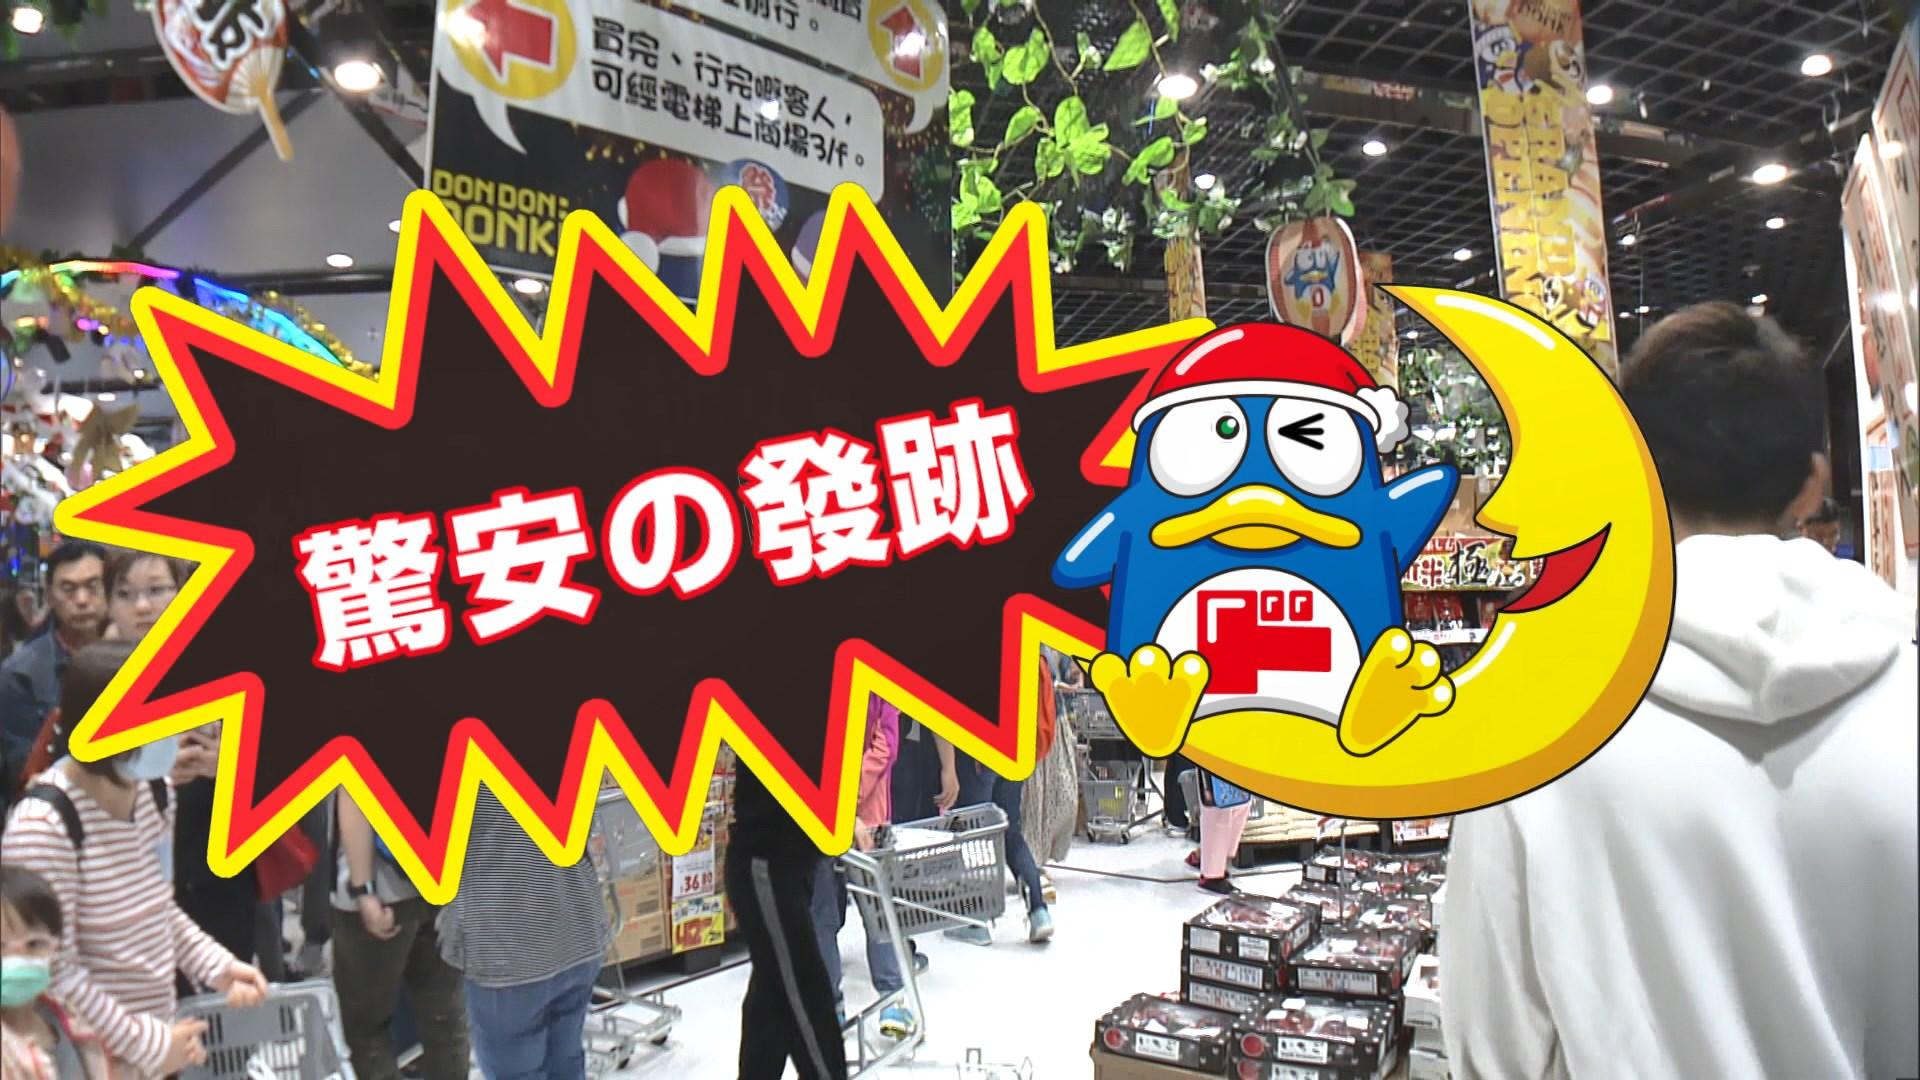 【新聞智庫】驚安之殿堂在港再開分店 細看不一樣的雜貨店發迹史